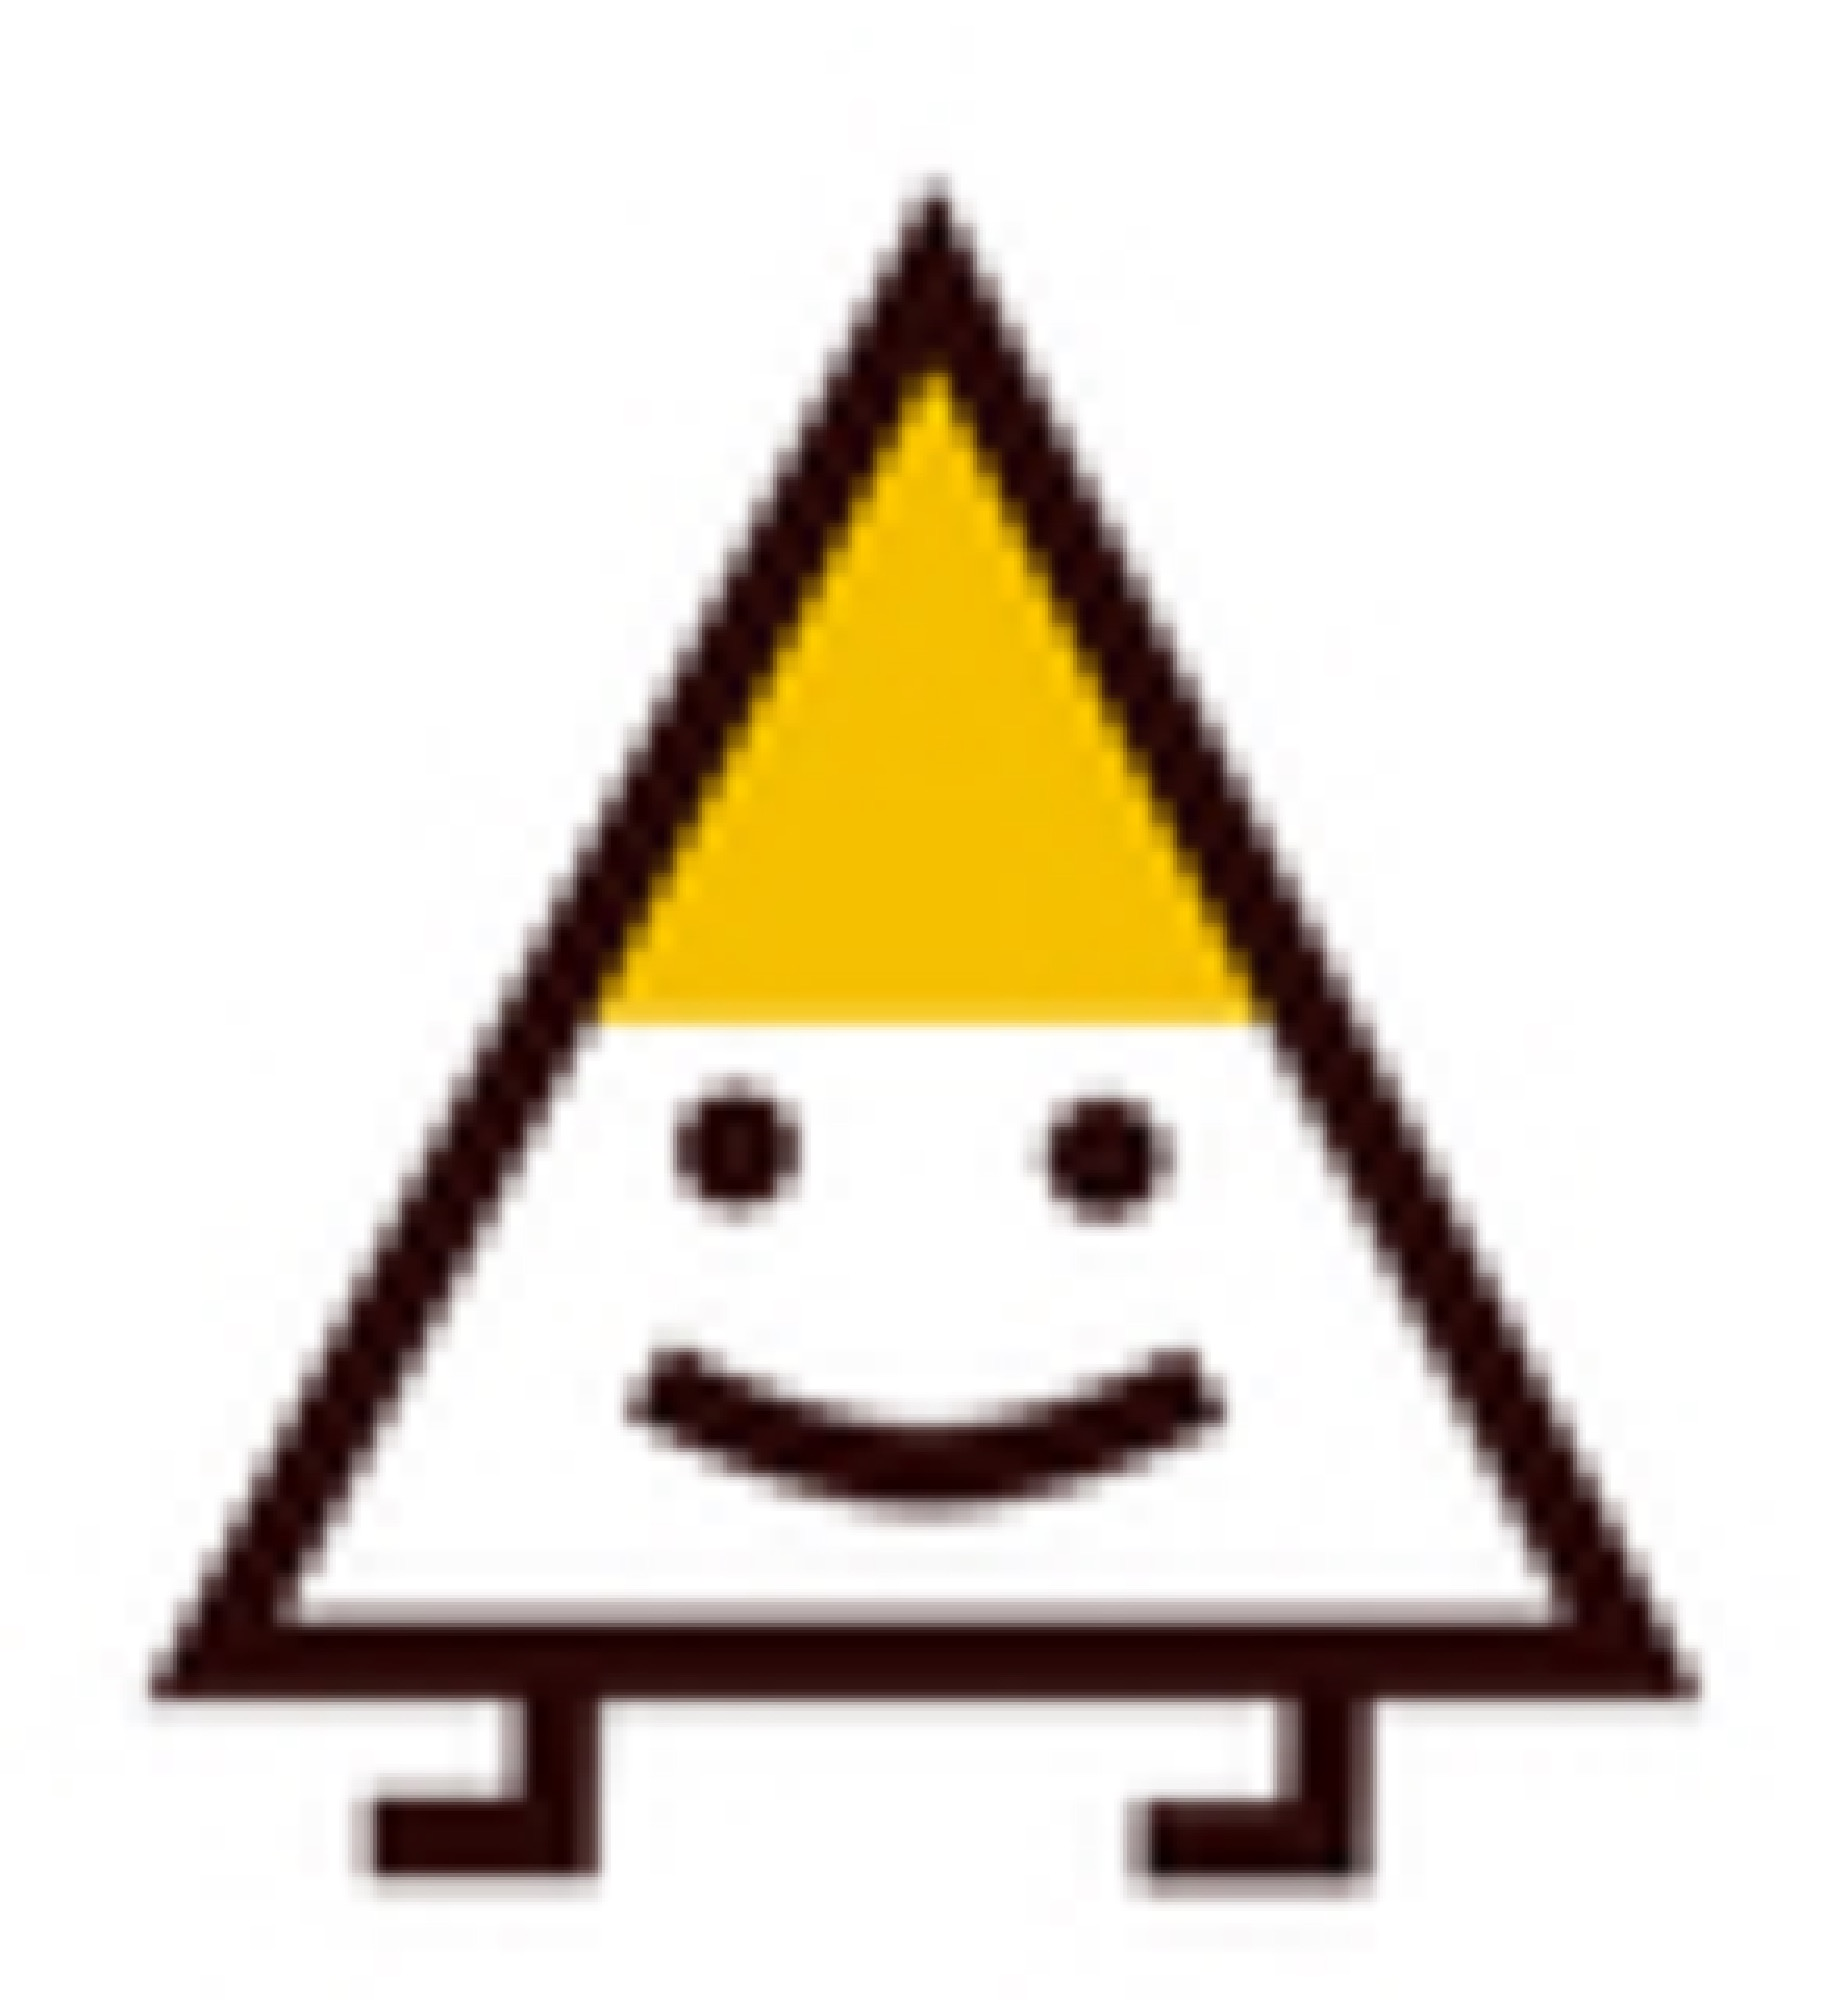 pyramidgubbe 560p